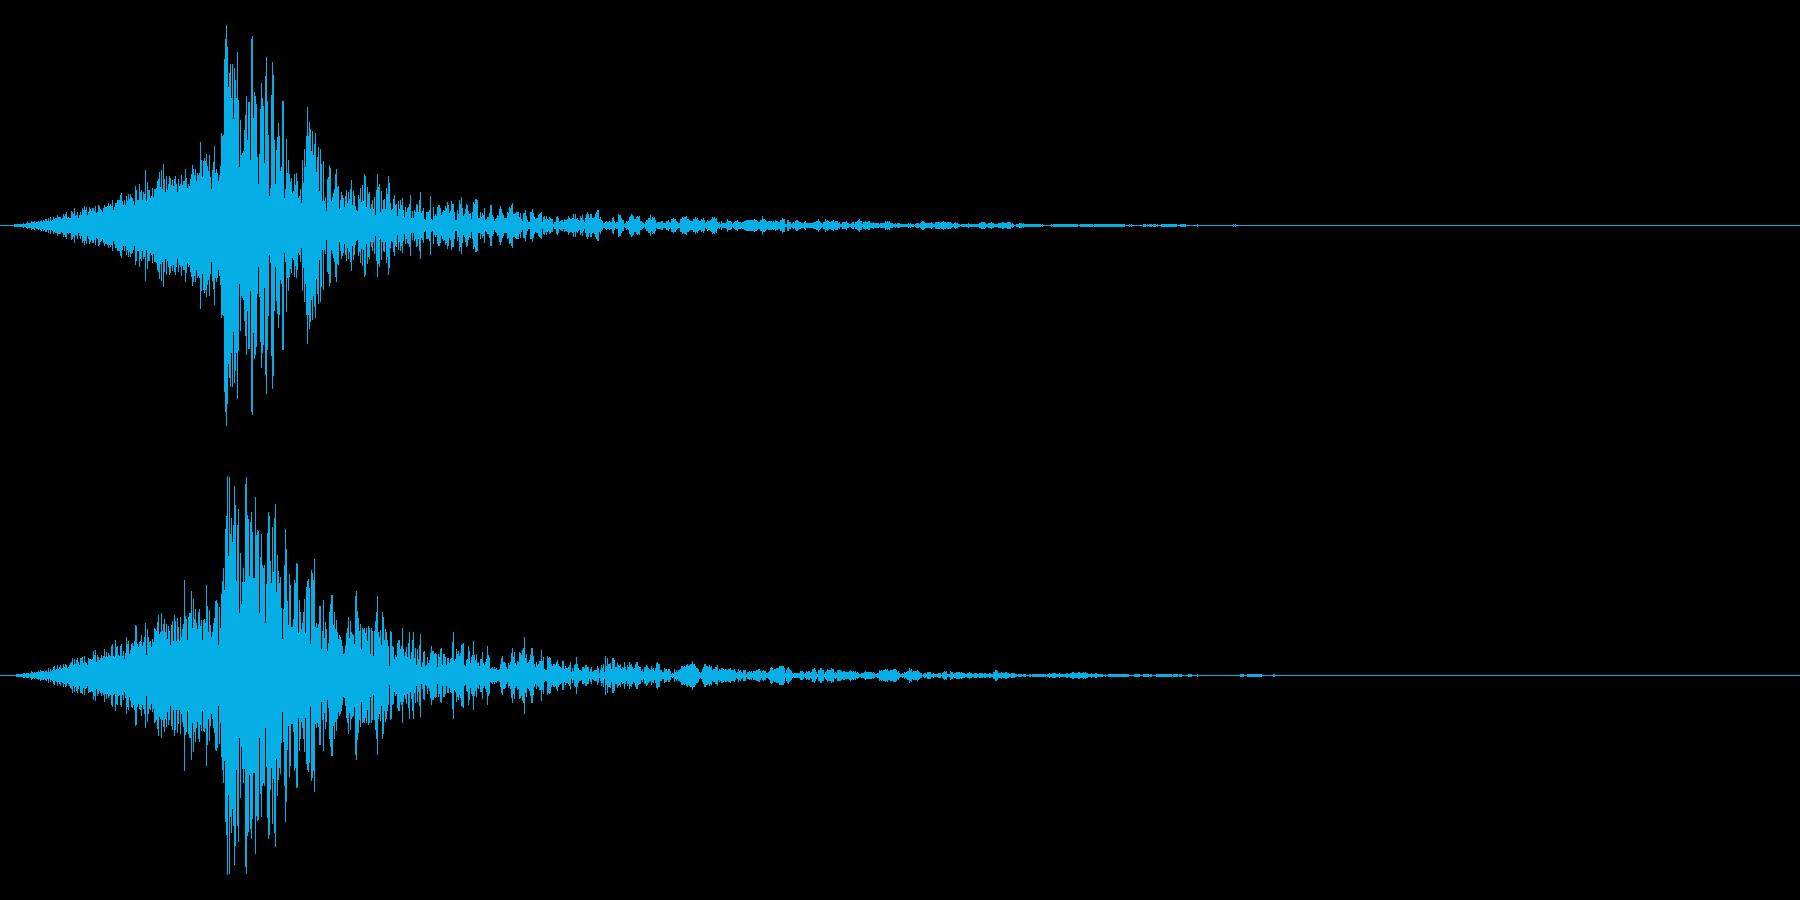 シュードーン-59-4(インパクト音)の再生済みの波形